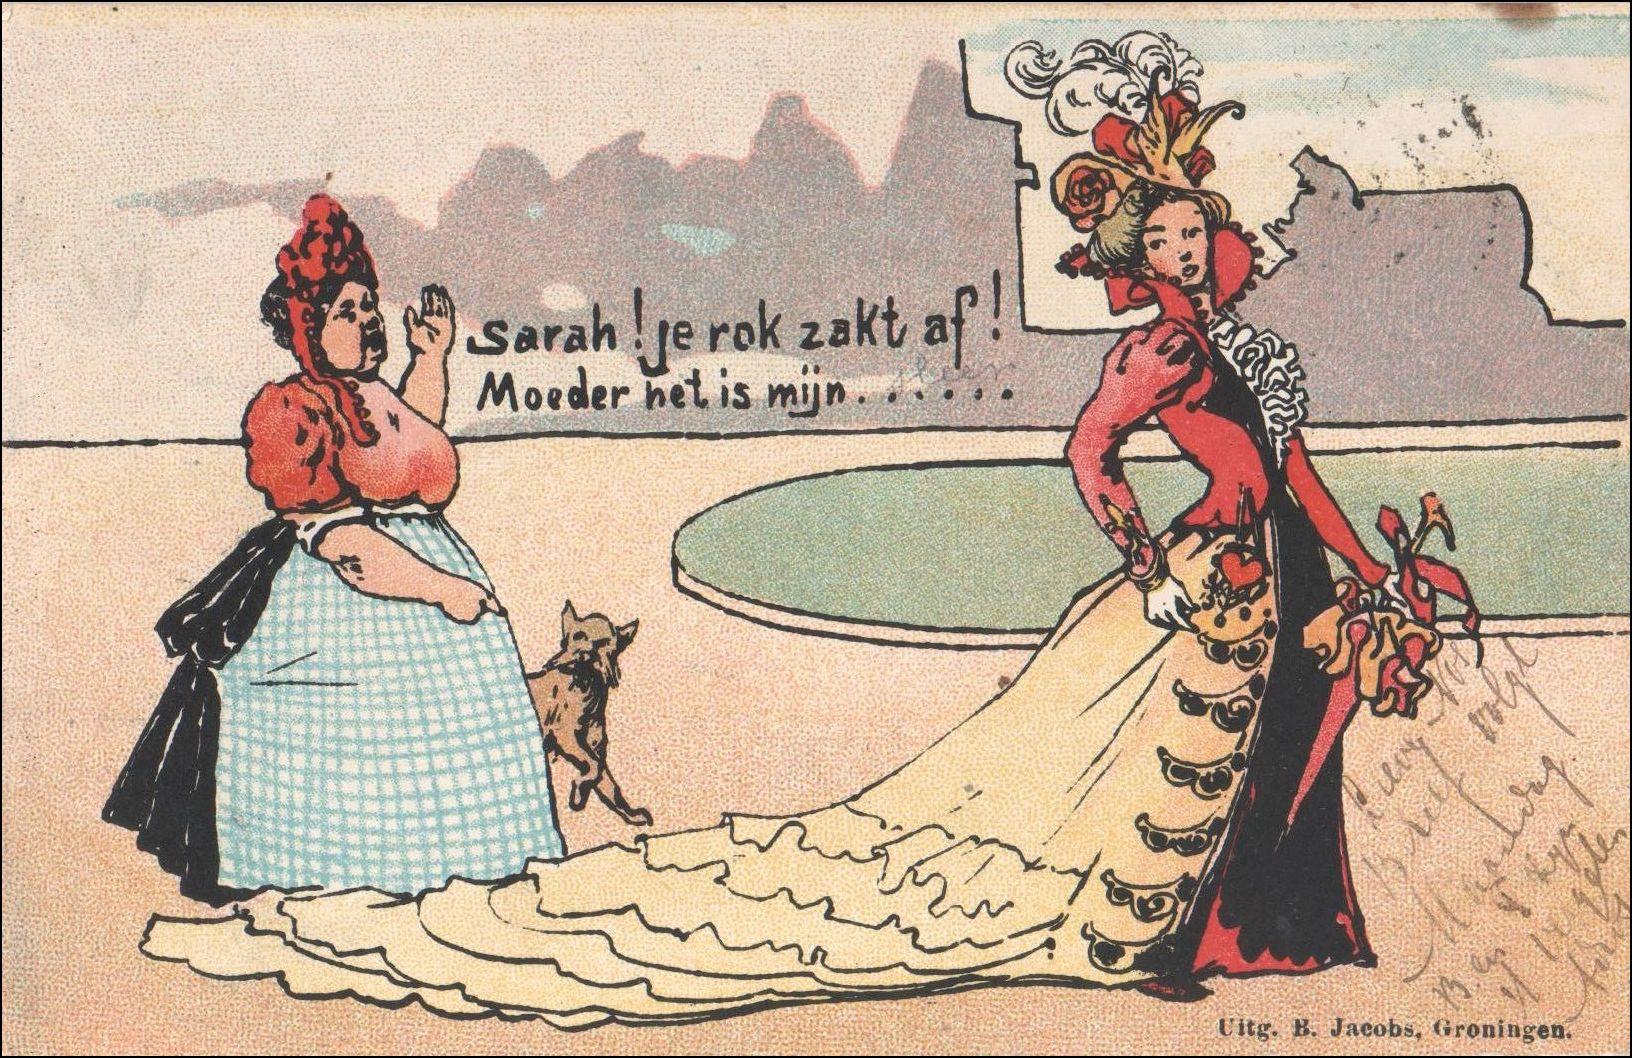 Briefkaart, poststempel 20 juli 1901, 's Gravenhage